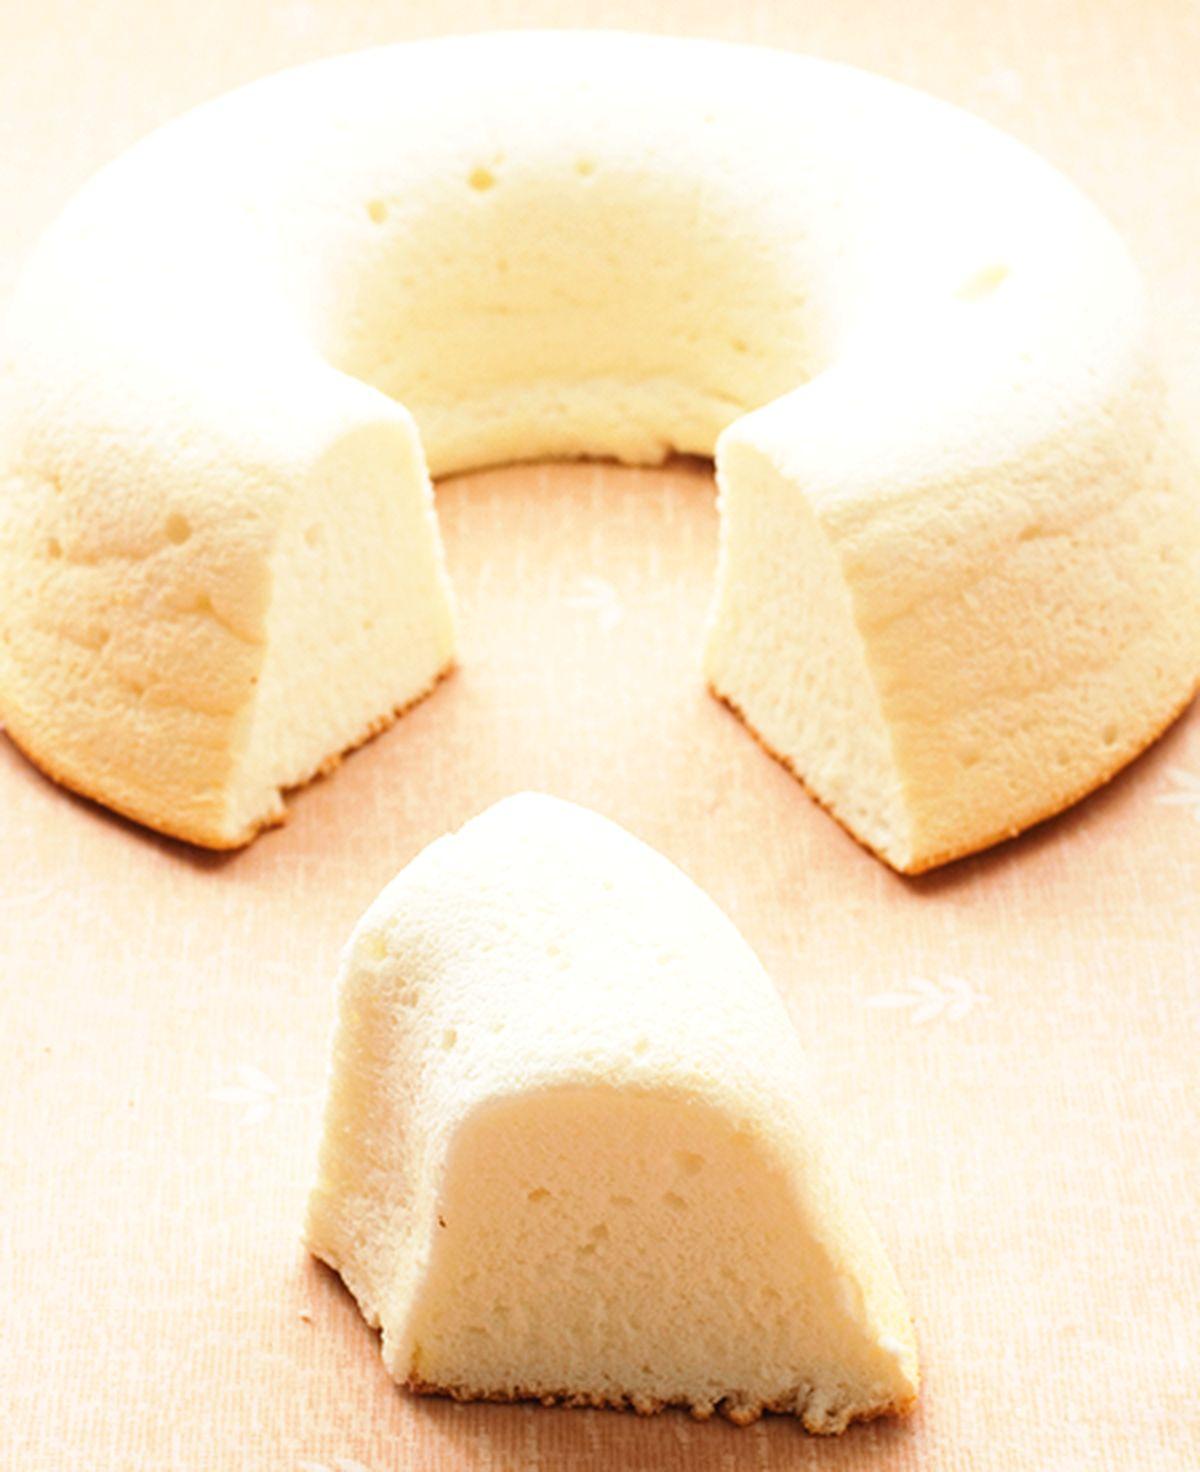 食譜:天使蛋糕